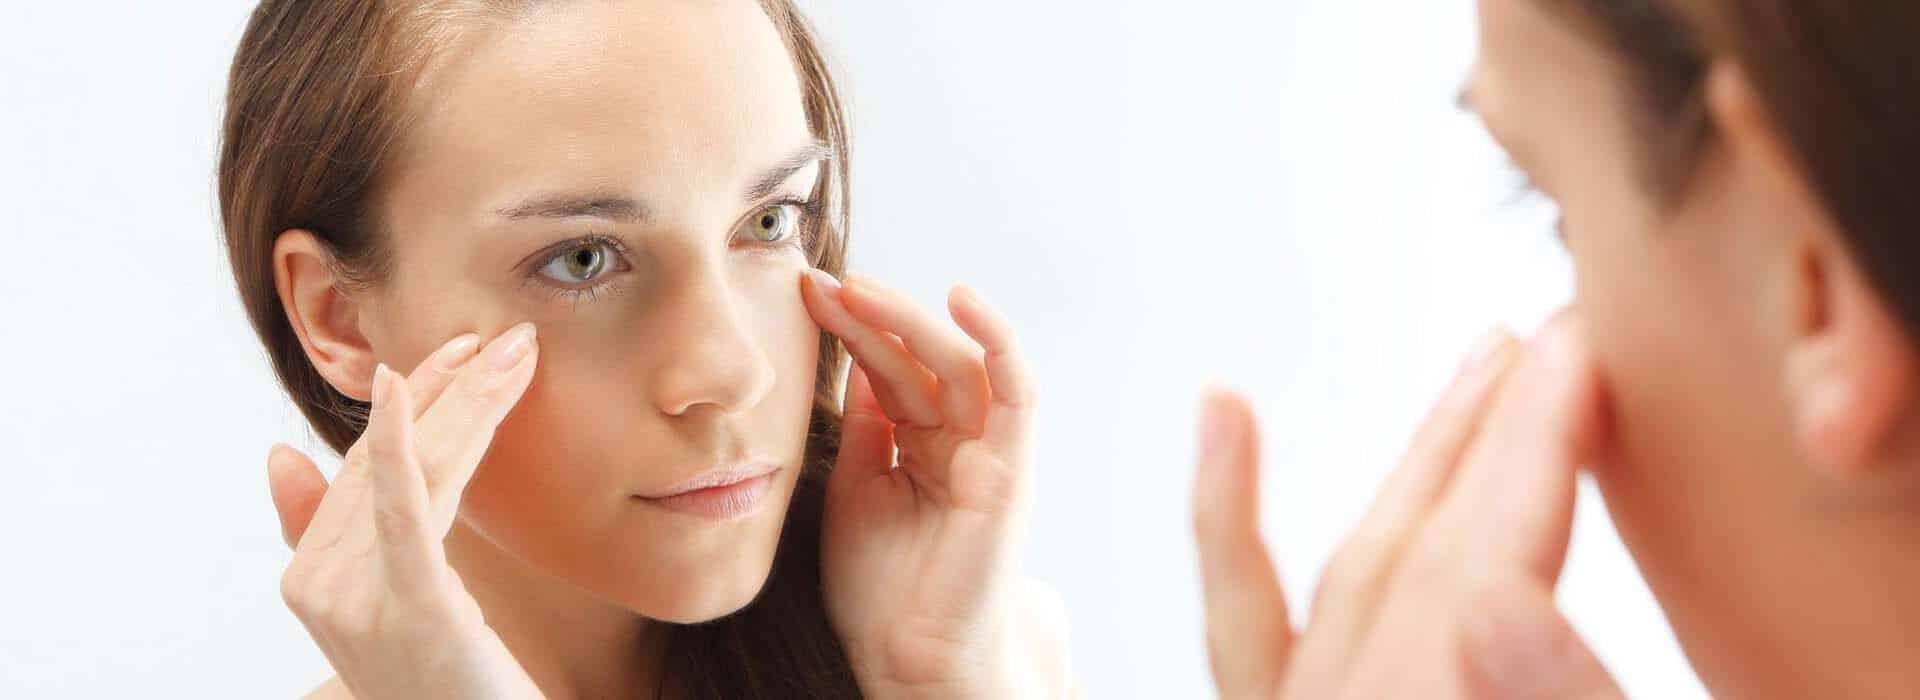 Rinoplastia: Te explicamos cómo es el postoperatorio